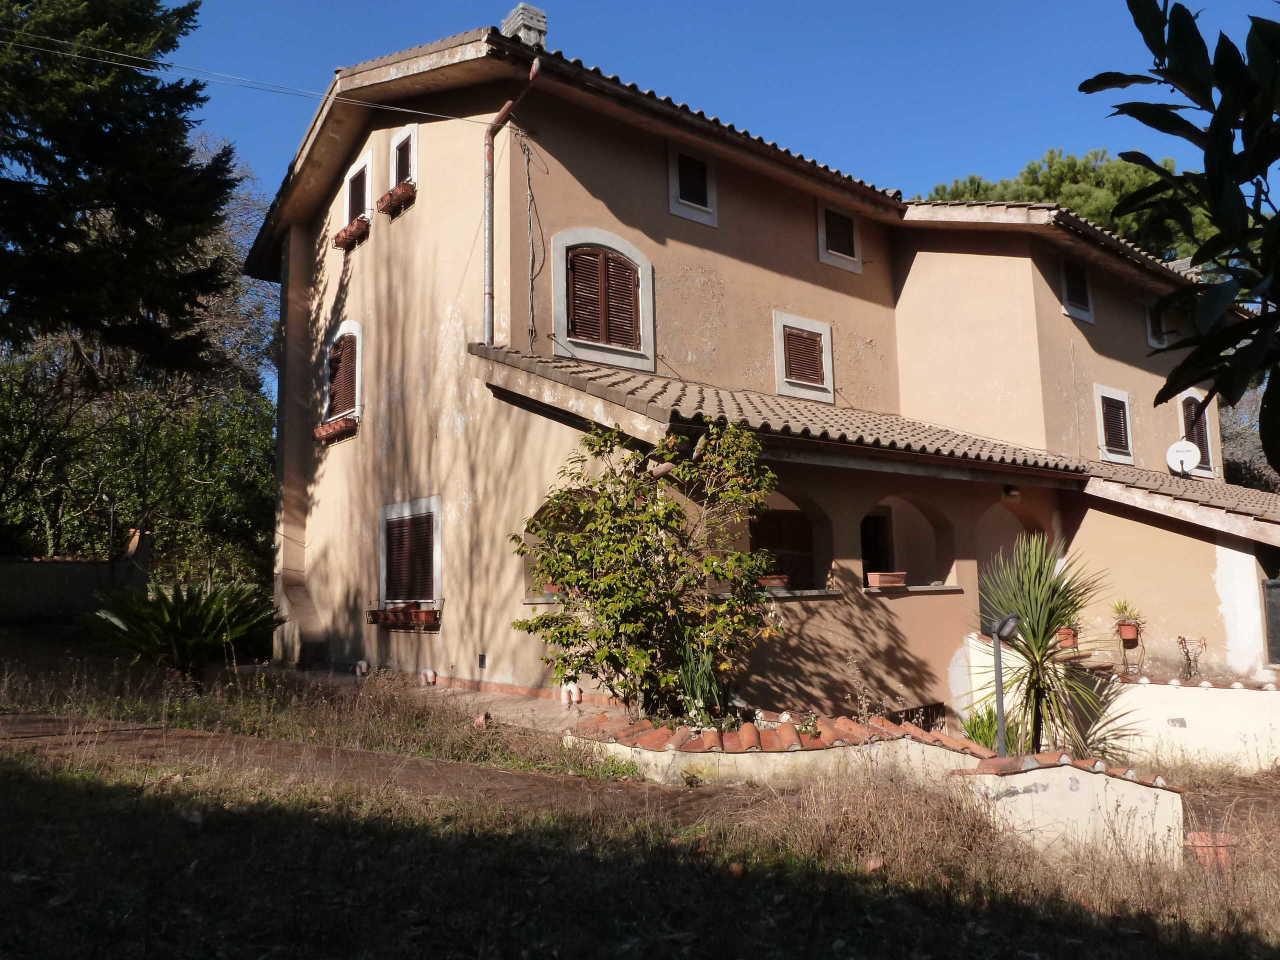 Soluzione Indipendente in vendita a Nemi, 11 locali, prezzo € 390.000 | Cambio Casa.it